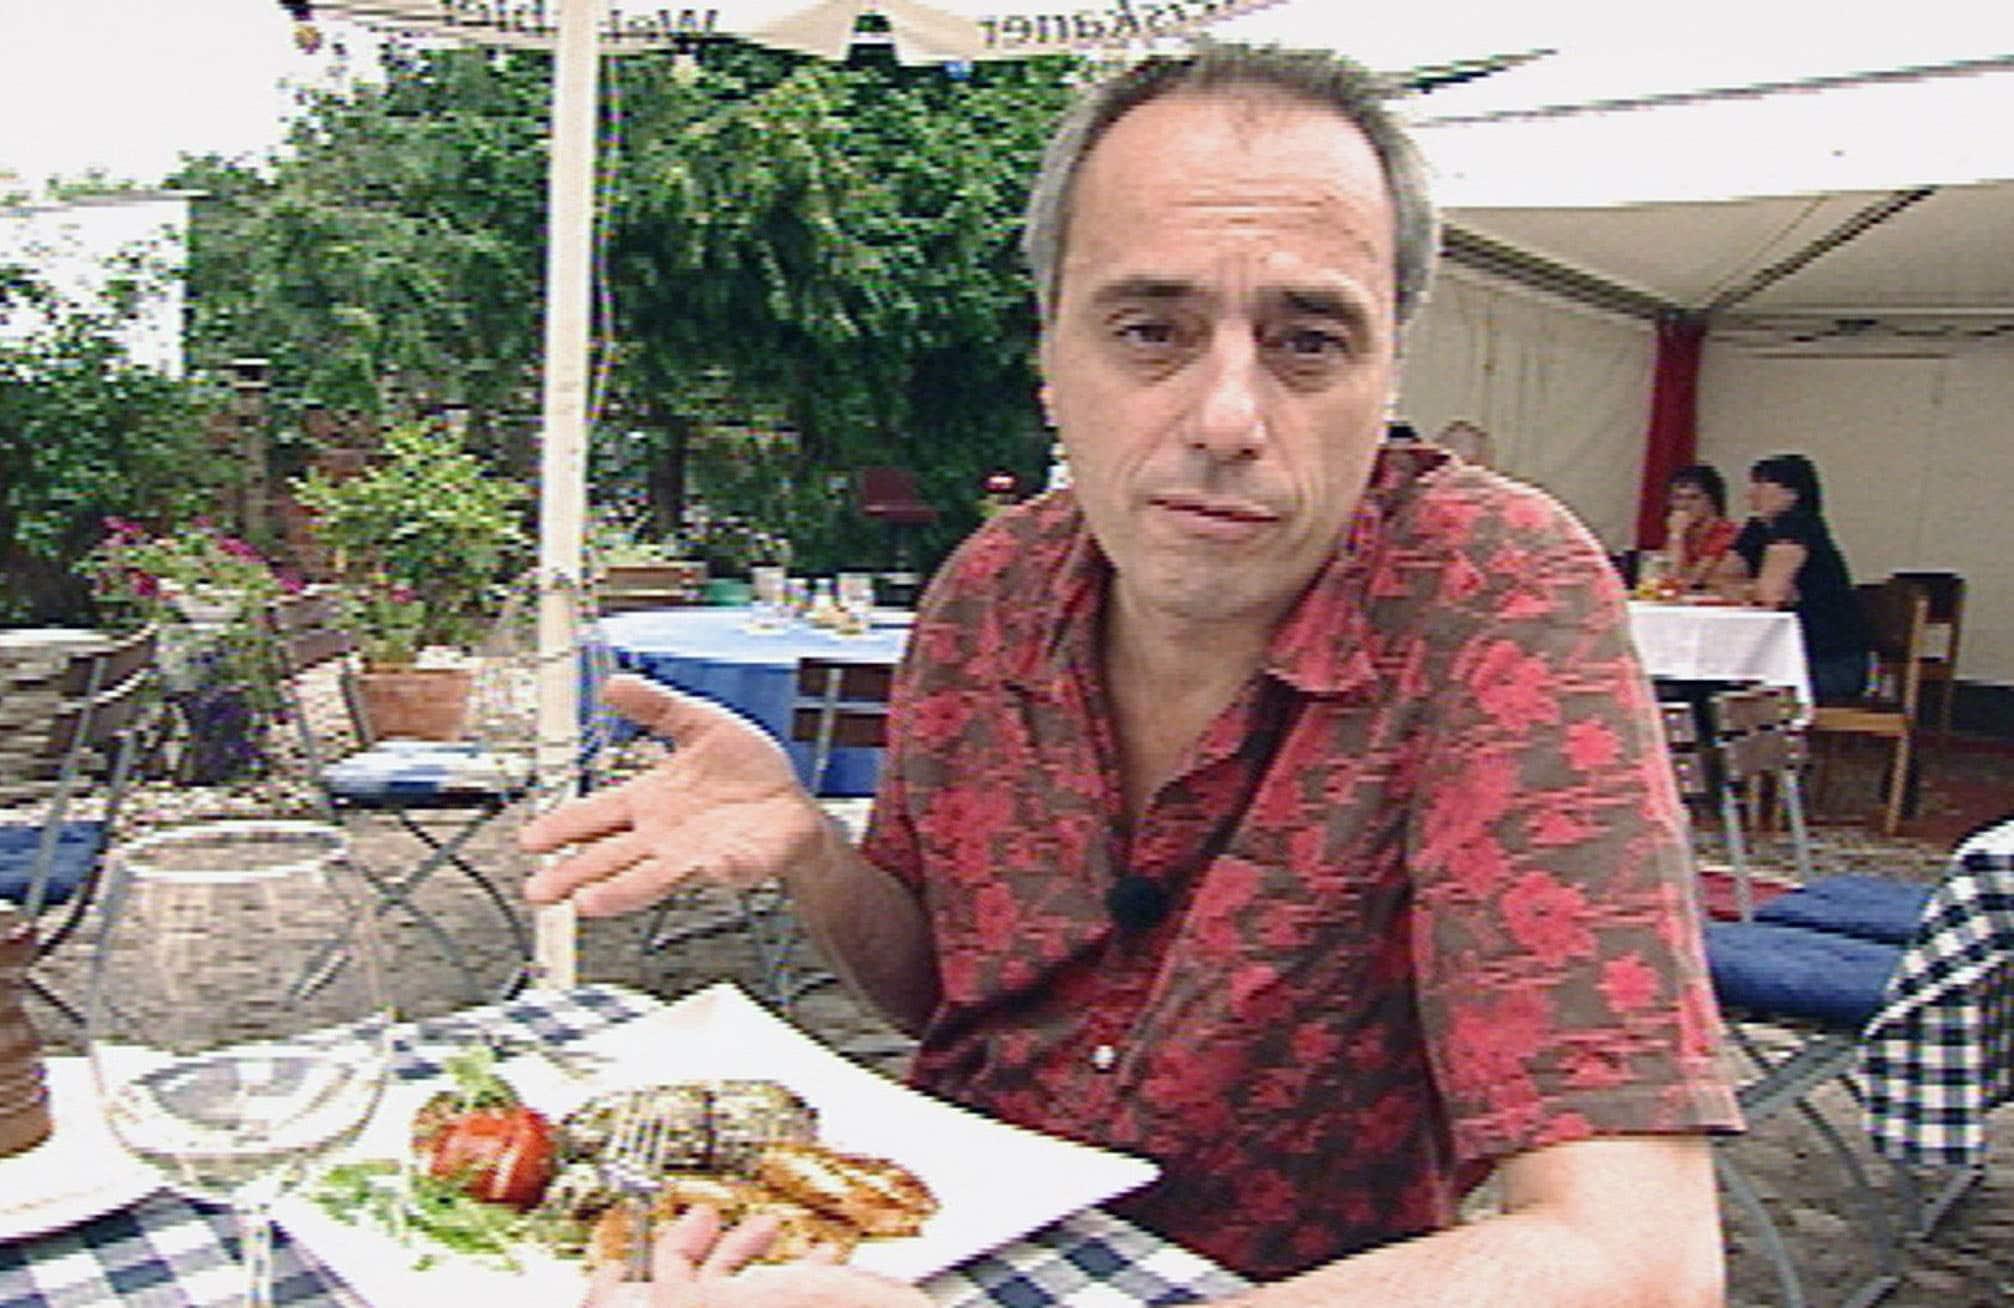 Christian Rach - Rach, der Restauranttester